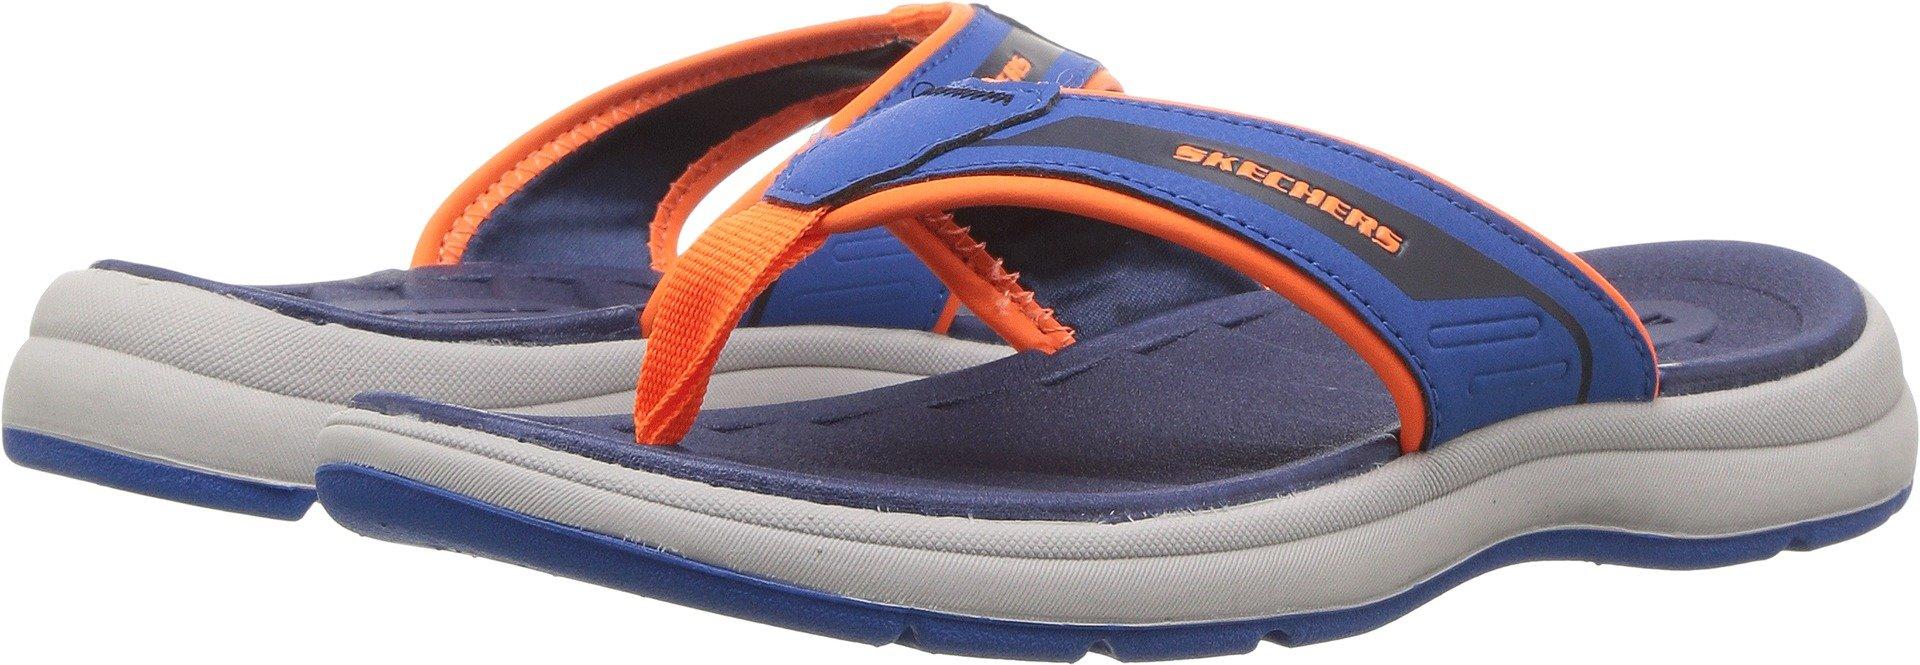 Skechers Kids Sun Sport - Beach Season Blue/Navy Sandal 13 Kids US